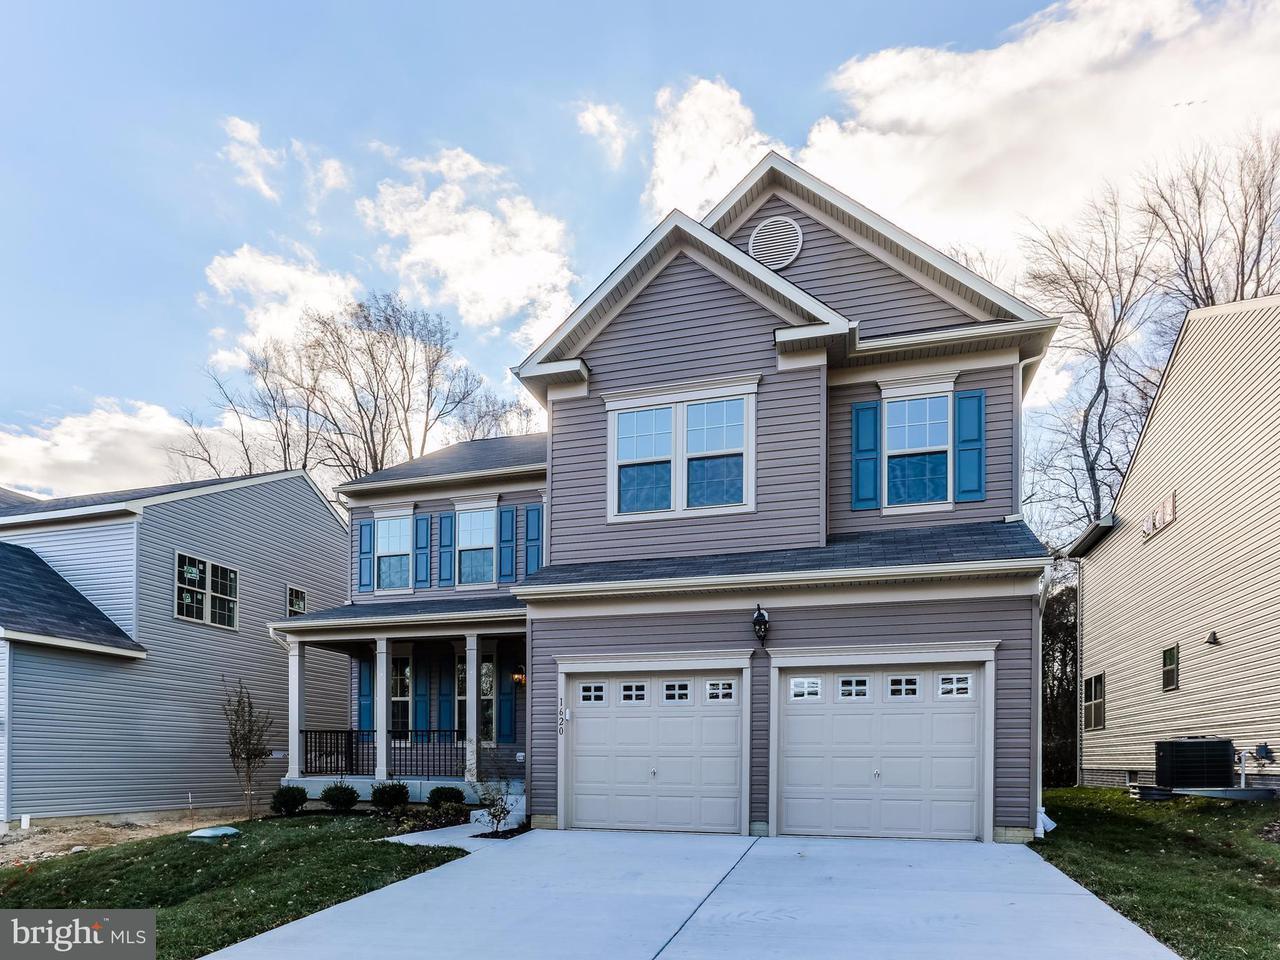 Частный односемейный дом для того Продажа на 1620 HEKLA Lane 1620 HEKLA Lane Harmans, Мэриленд 21077 Соединенные Штаты